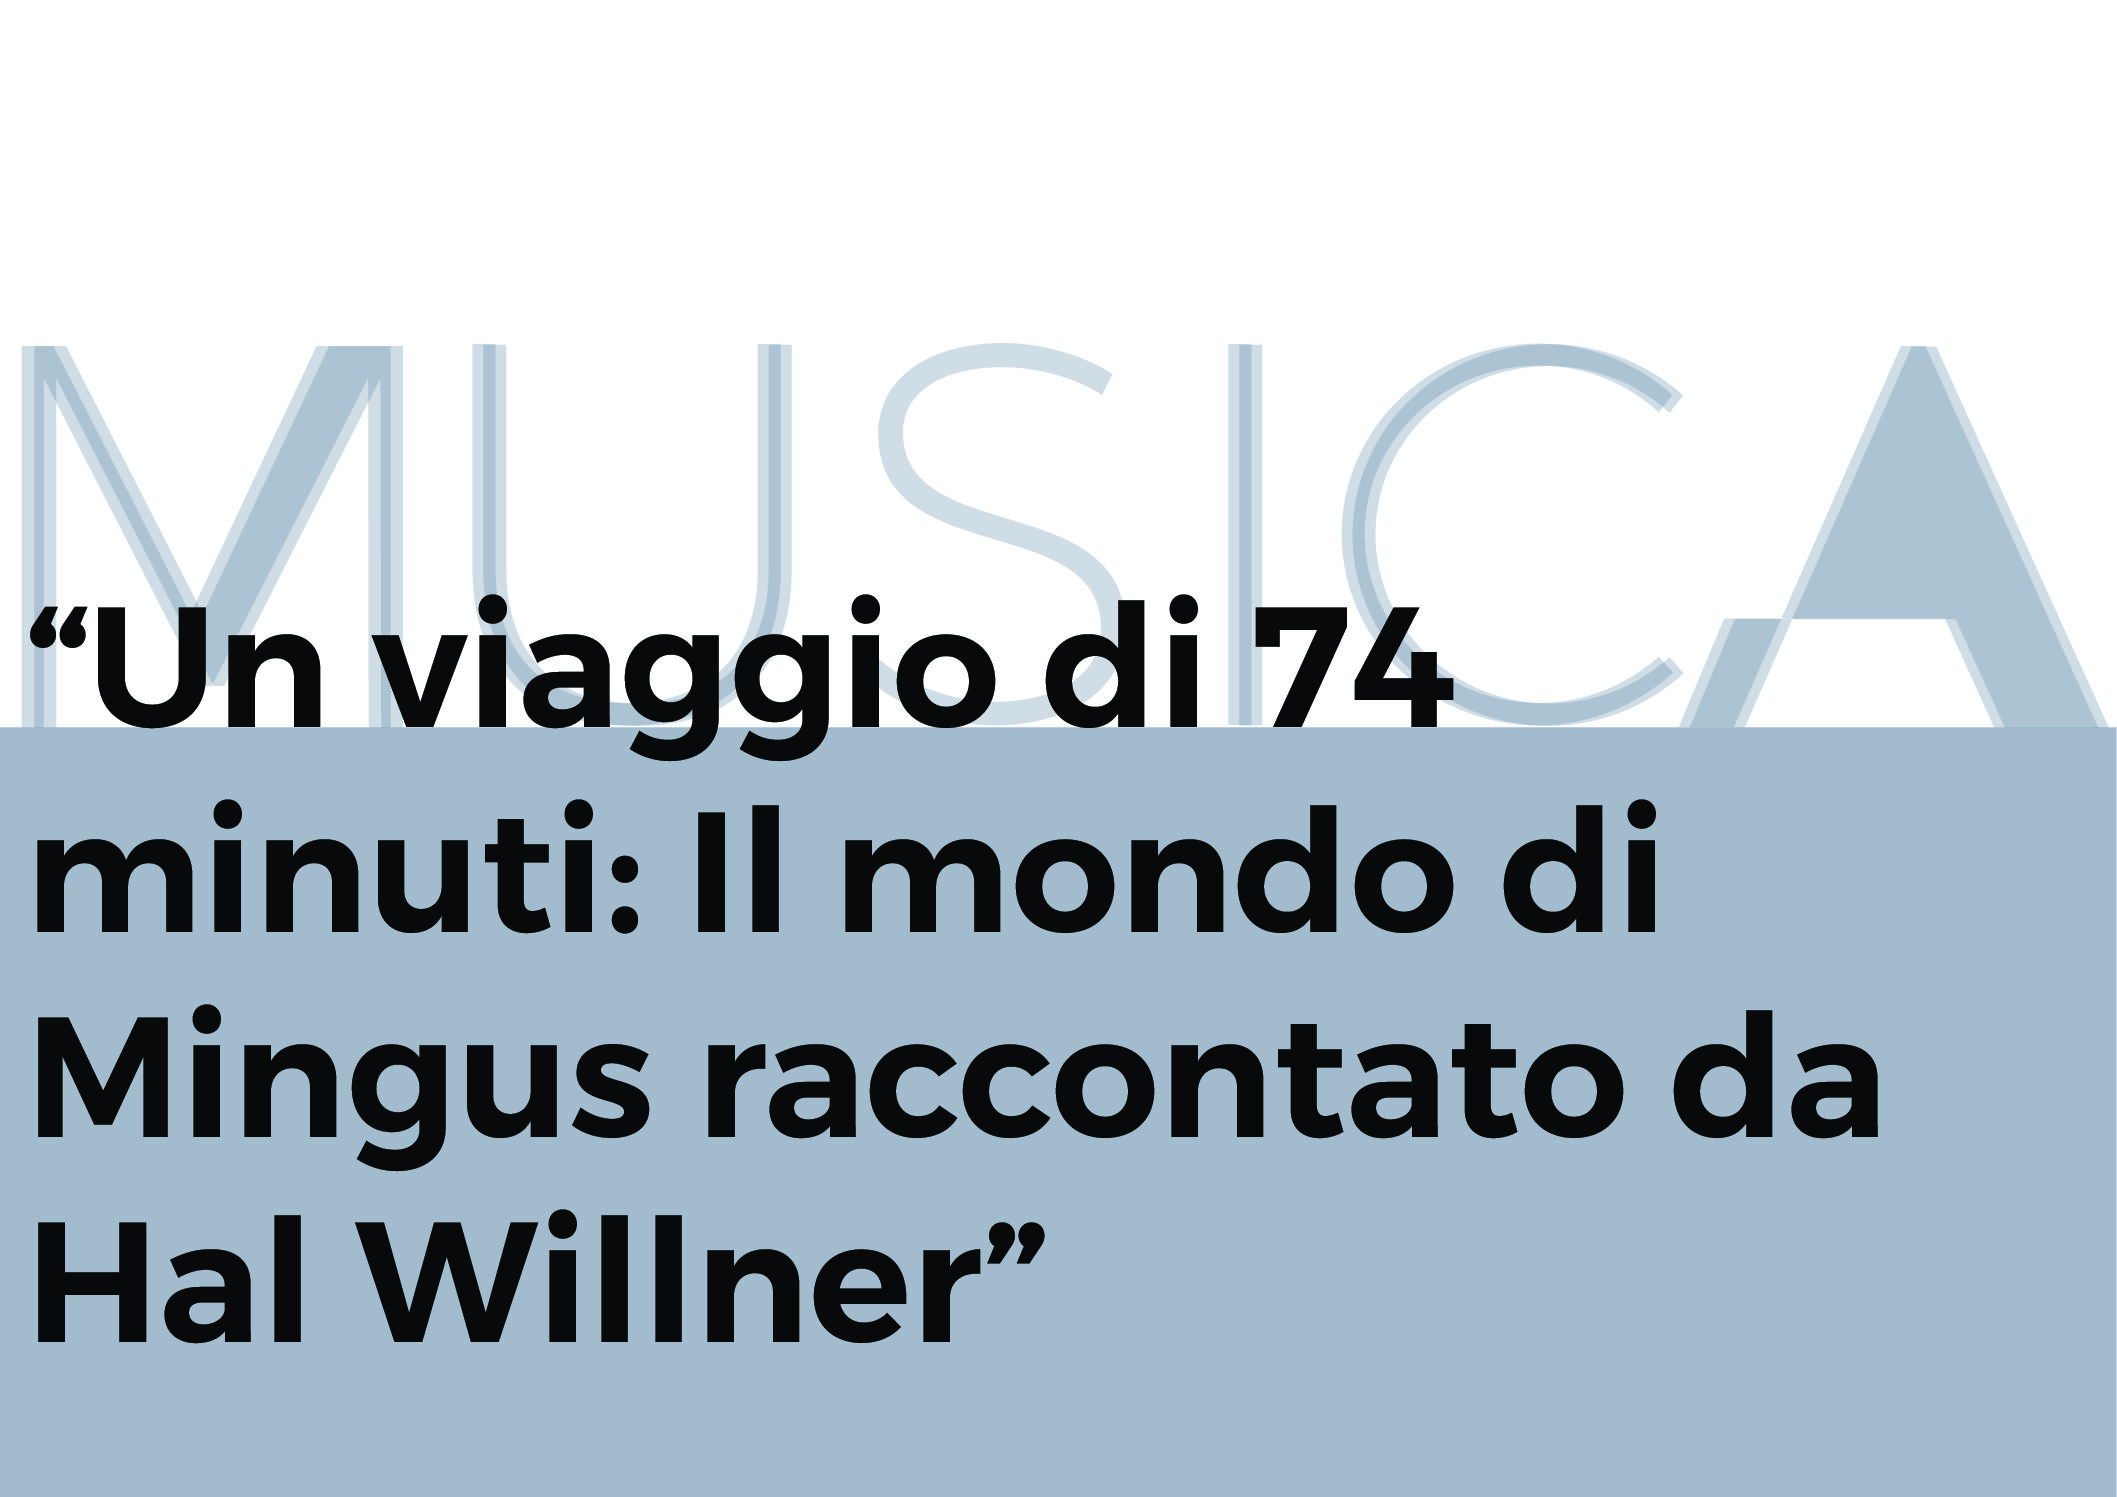 Un viaggio di 74 minuti: il mondo di Mingus raccontato da Hal Wilner – immagine articolo